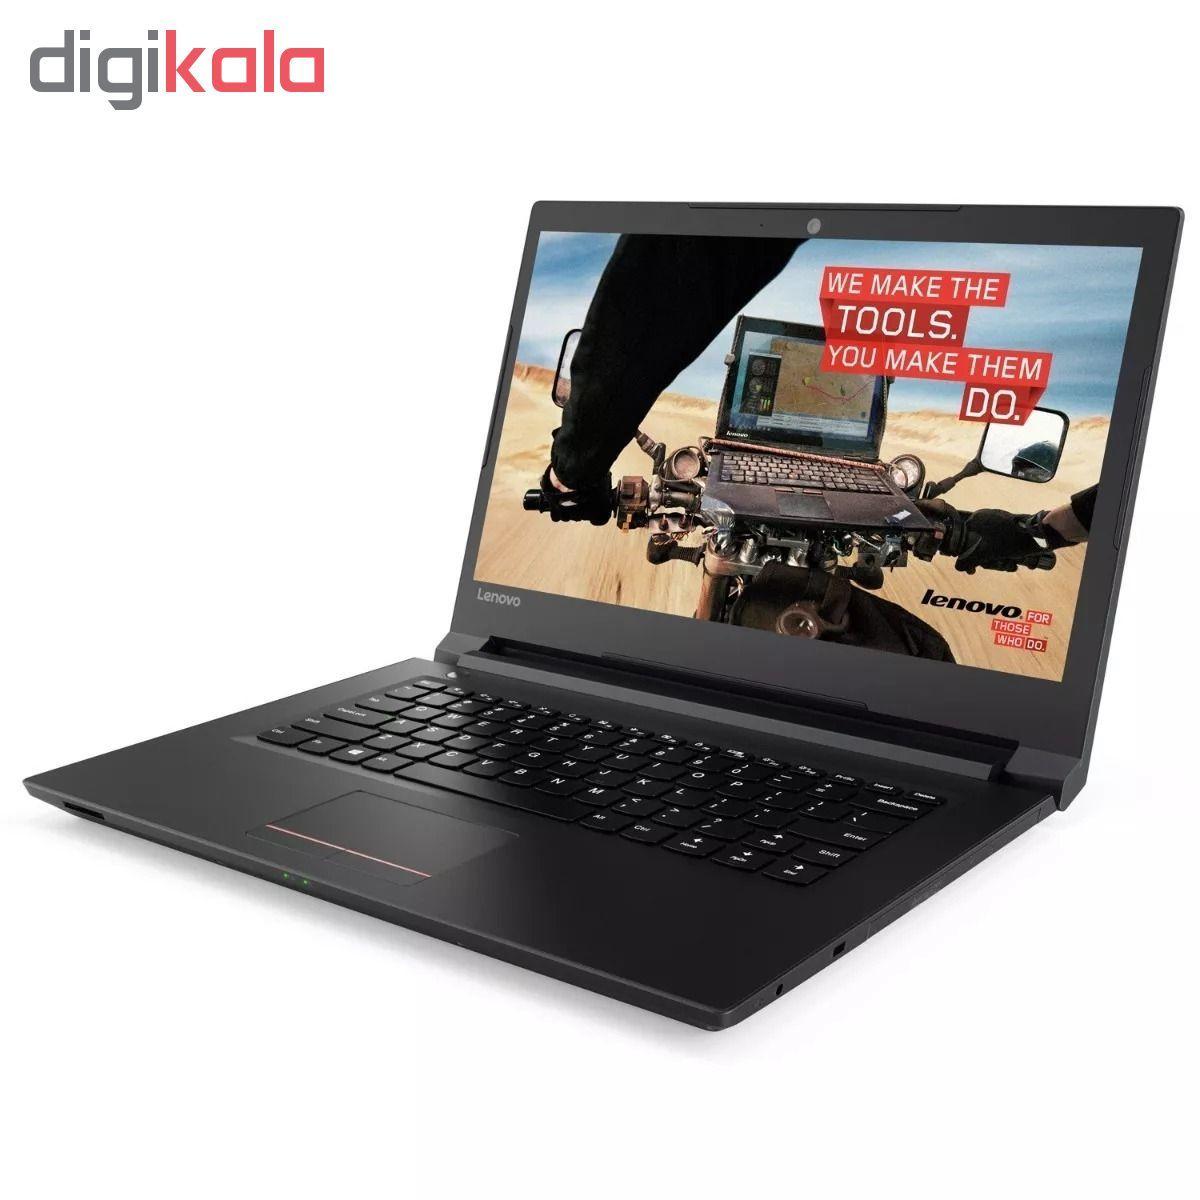 لپ تاپ 15 اینچی لنوو مدل Ideapad 330 – I  Lenovo Ideapad 330 – I – 15 inch Laptop